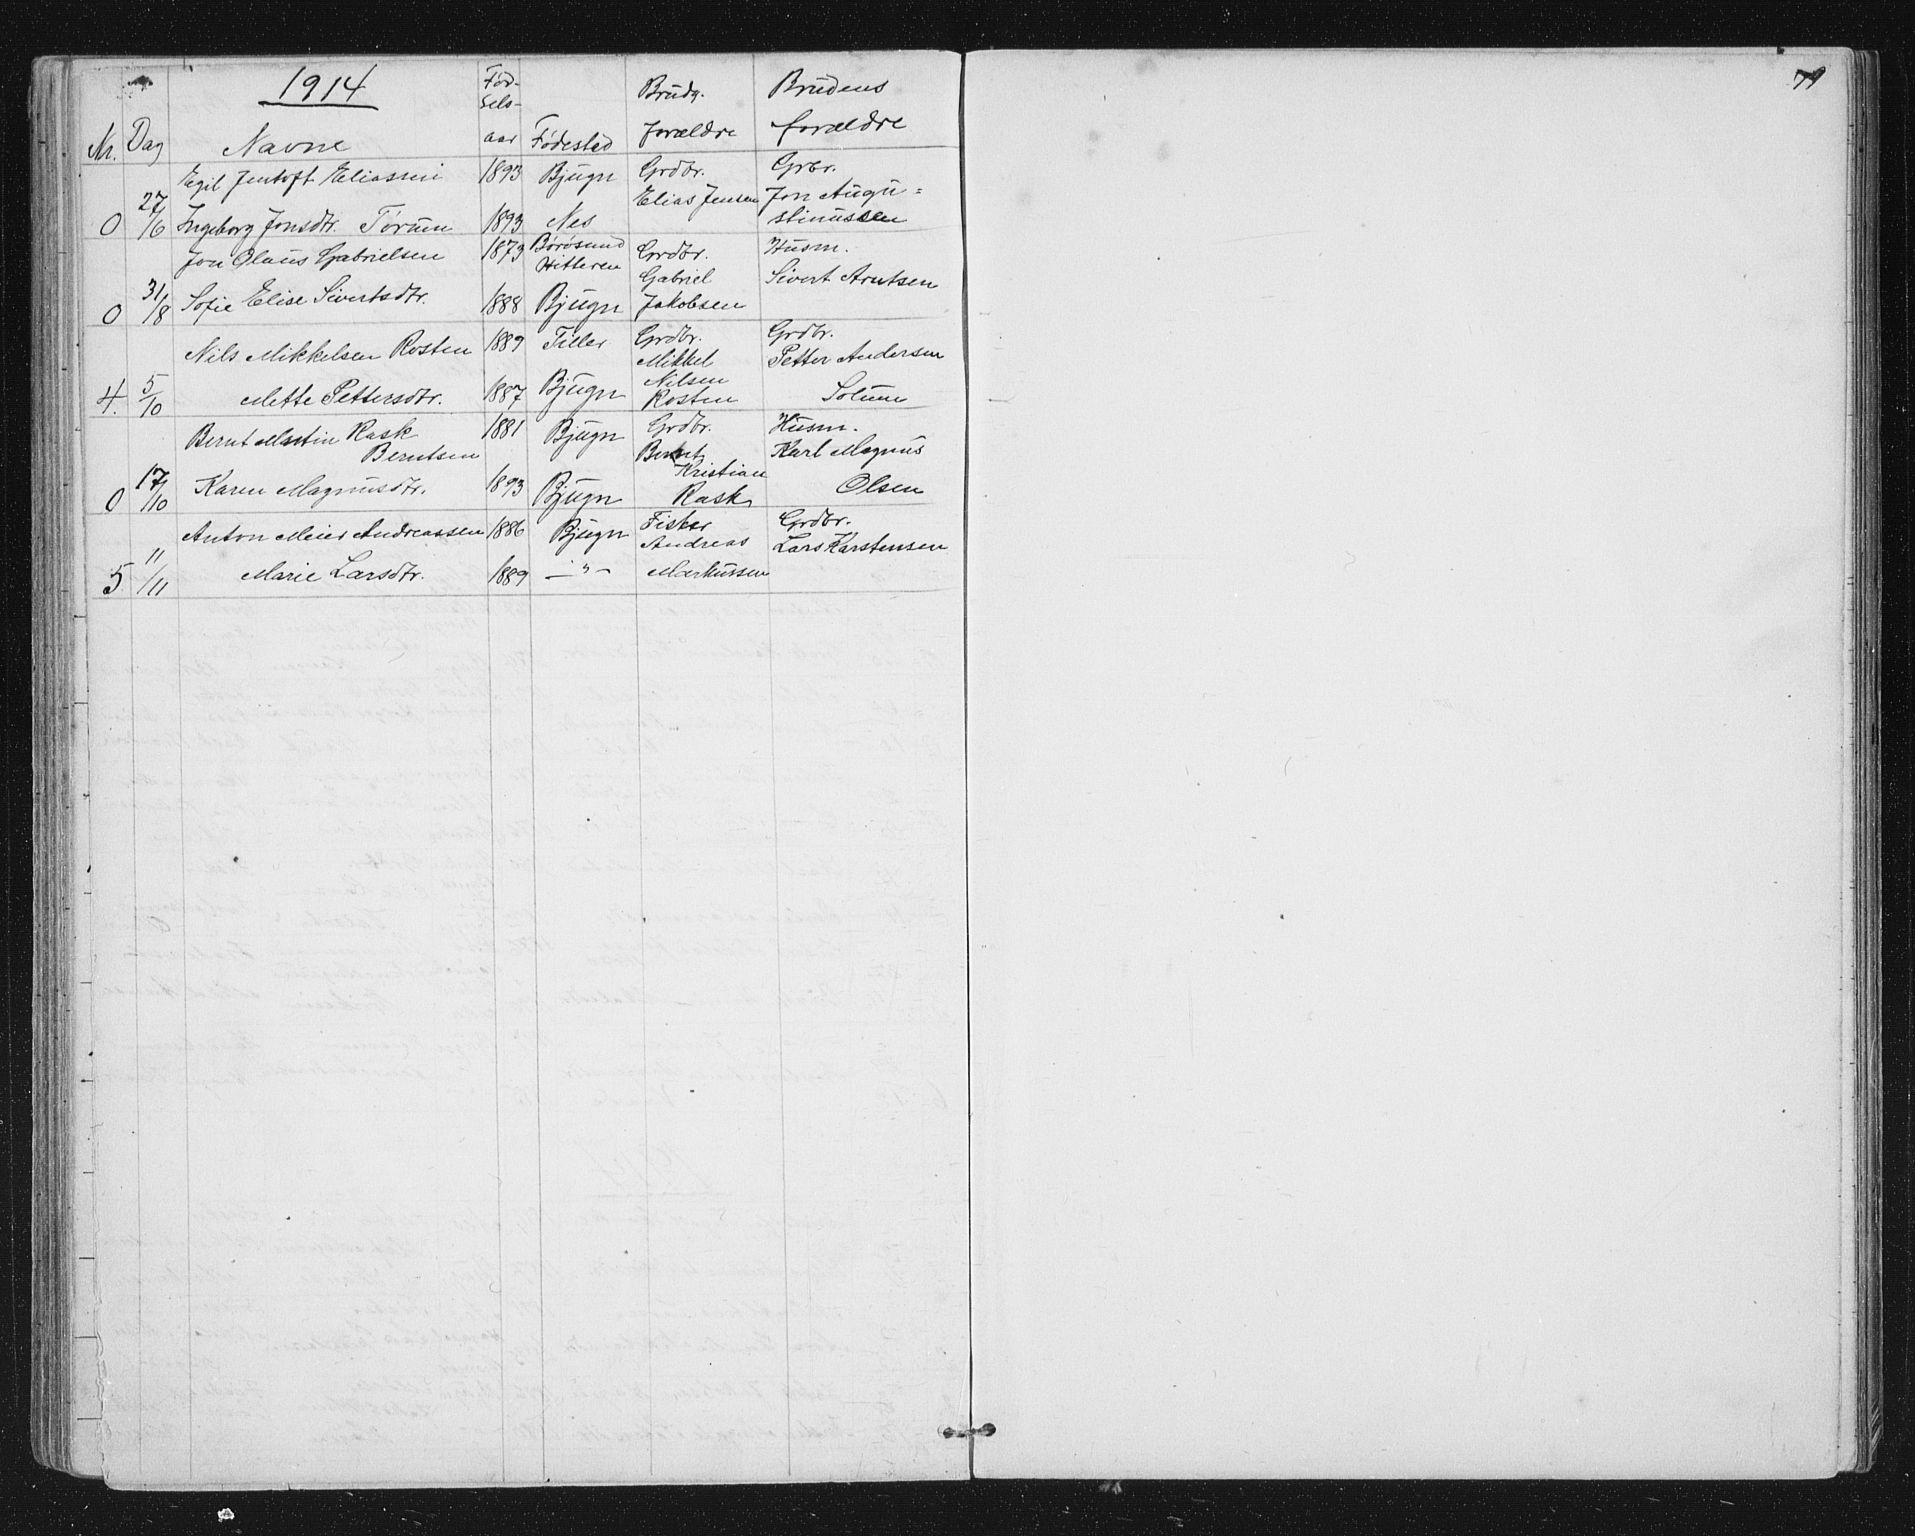 SAT, Ministerialprotokoller, klokkerbøker og fødselsregistre - Sør-Trøndelag, 651/L0647: Klokkerbok nr. 651C01, 1866-1914, s. 79